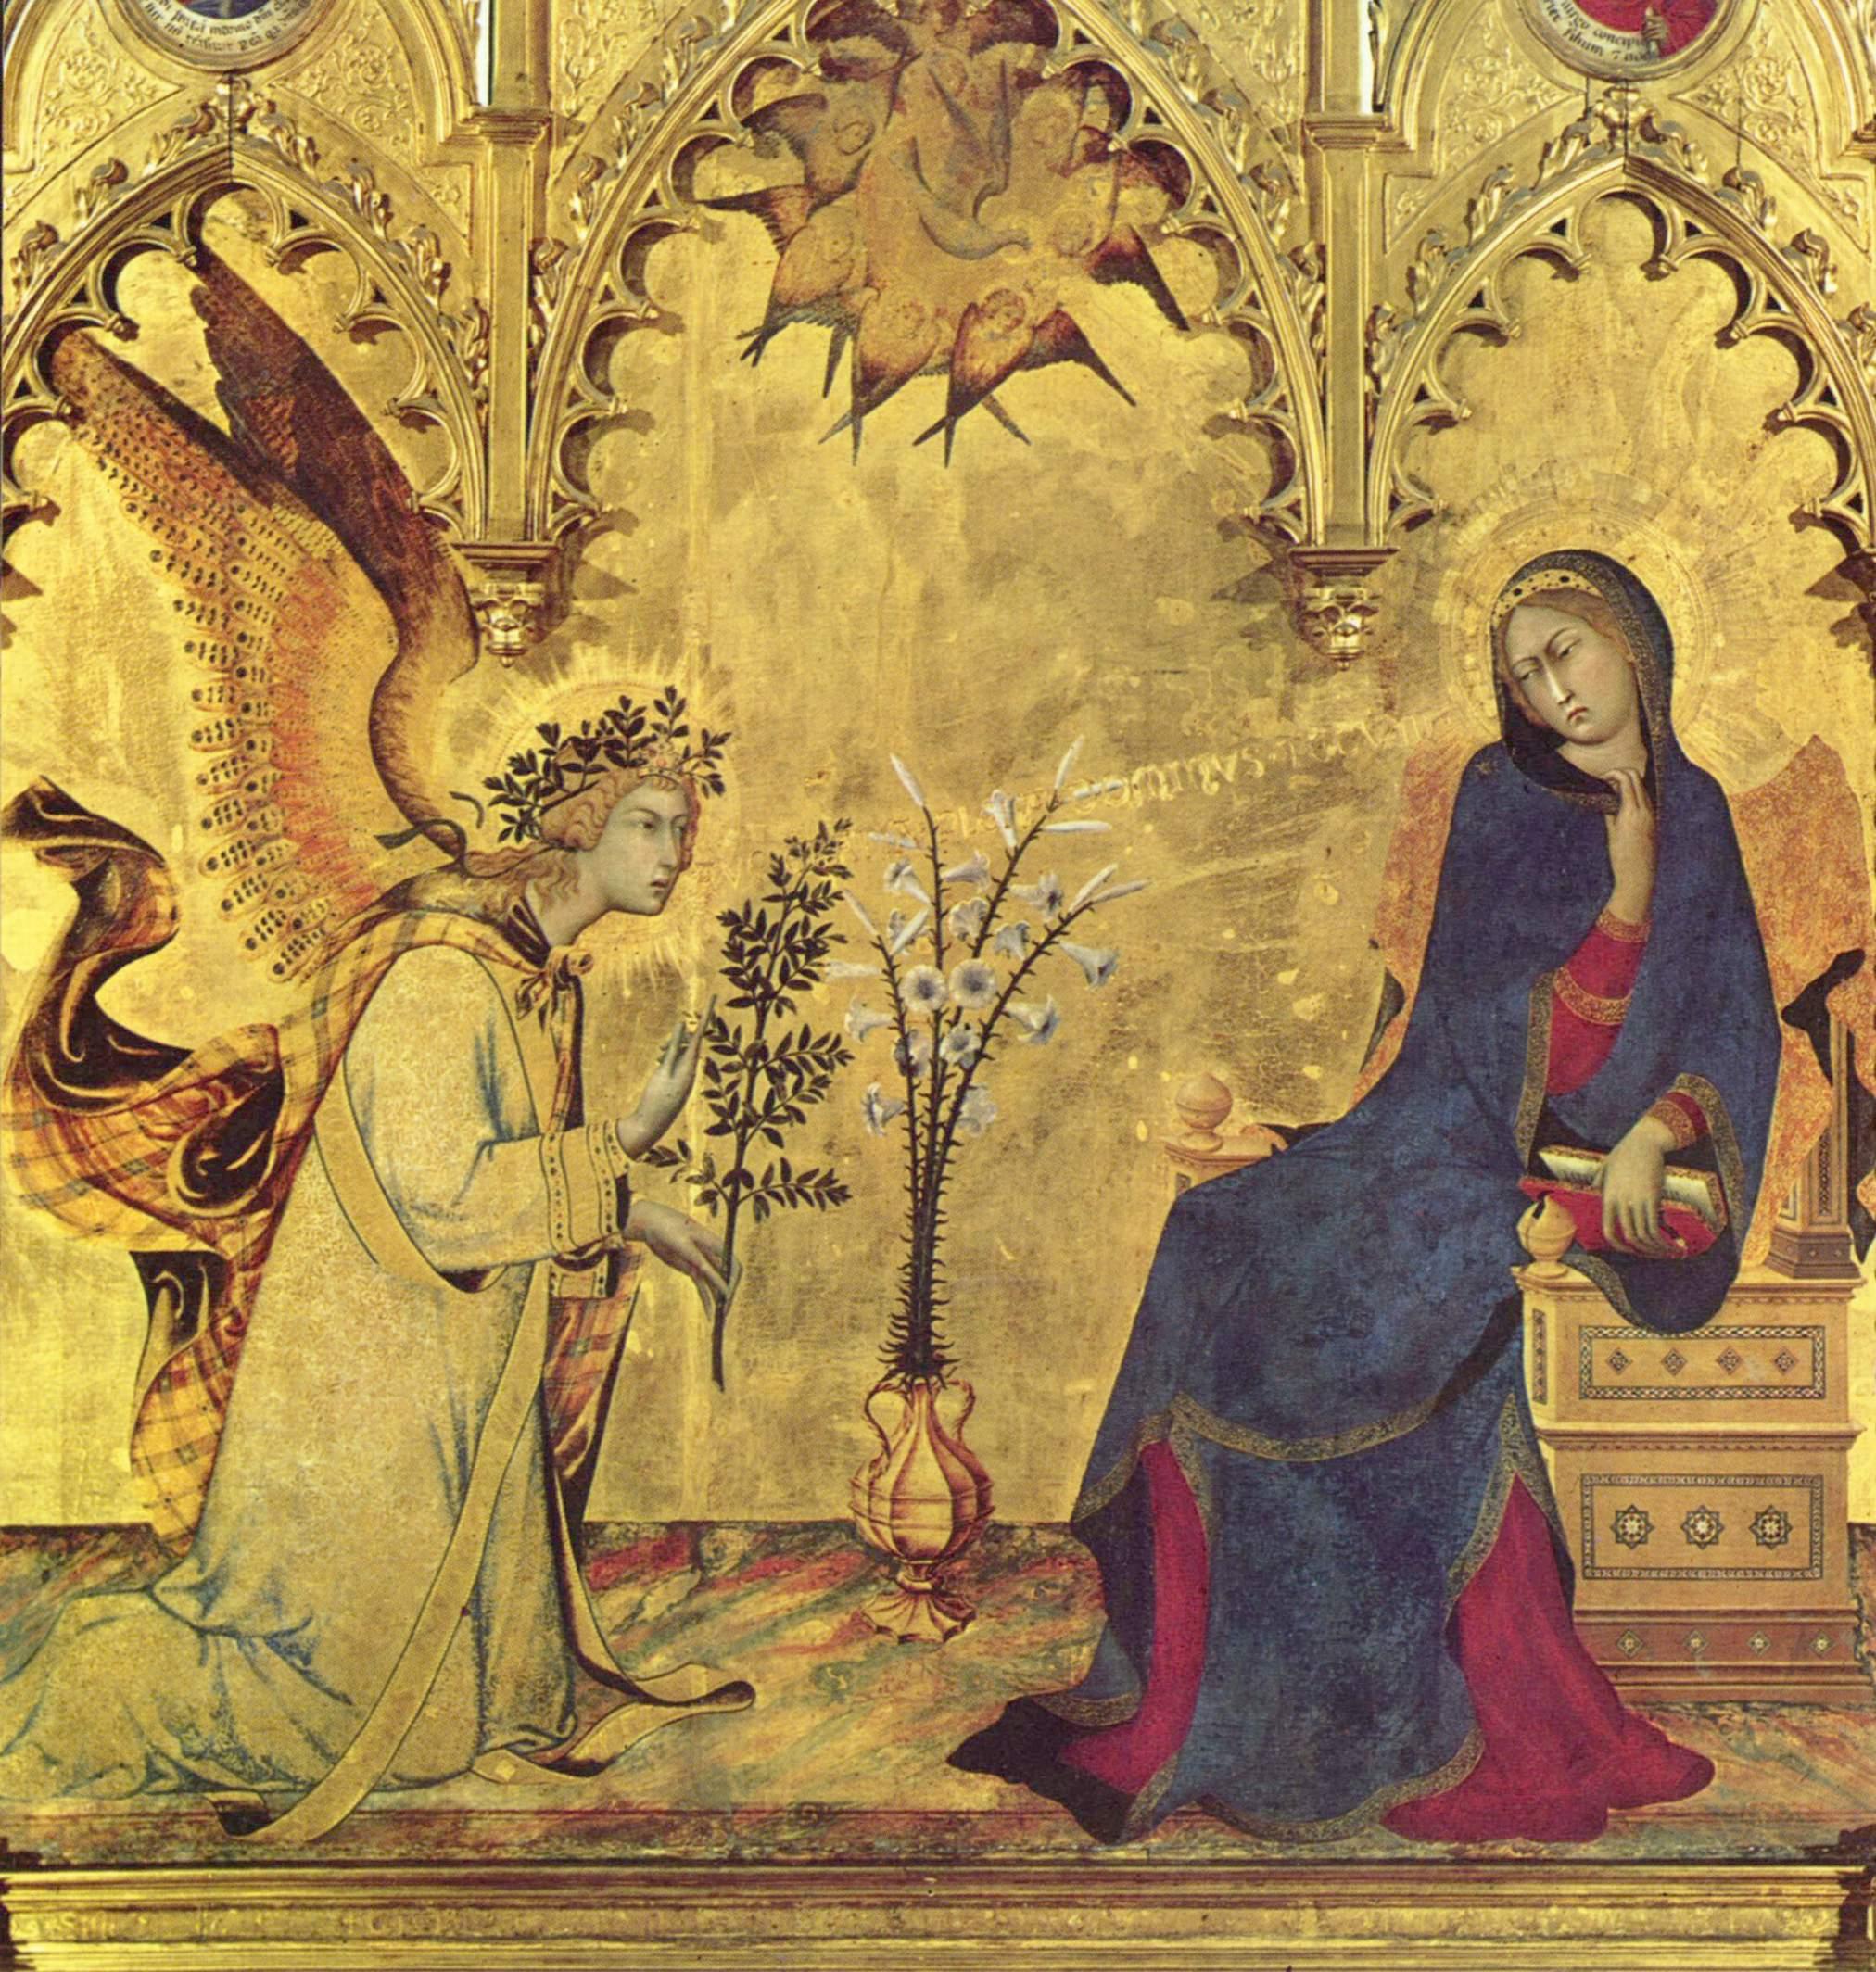 Anunciación del Ángel a María, la Encarnación de Jesús (25 mar)